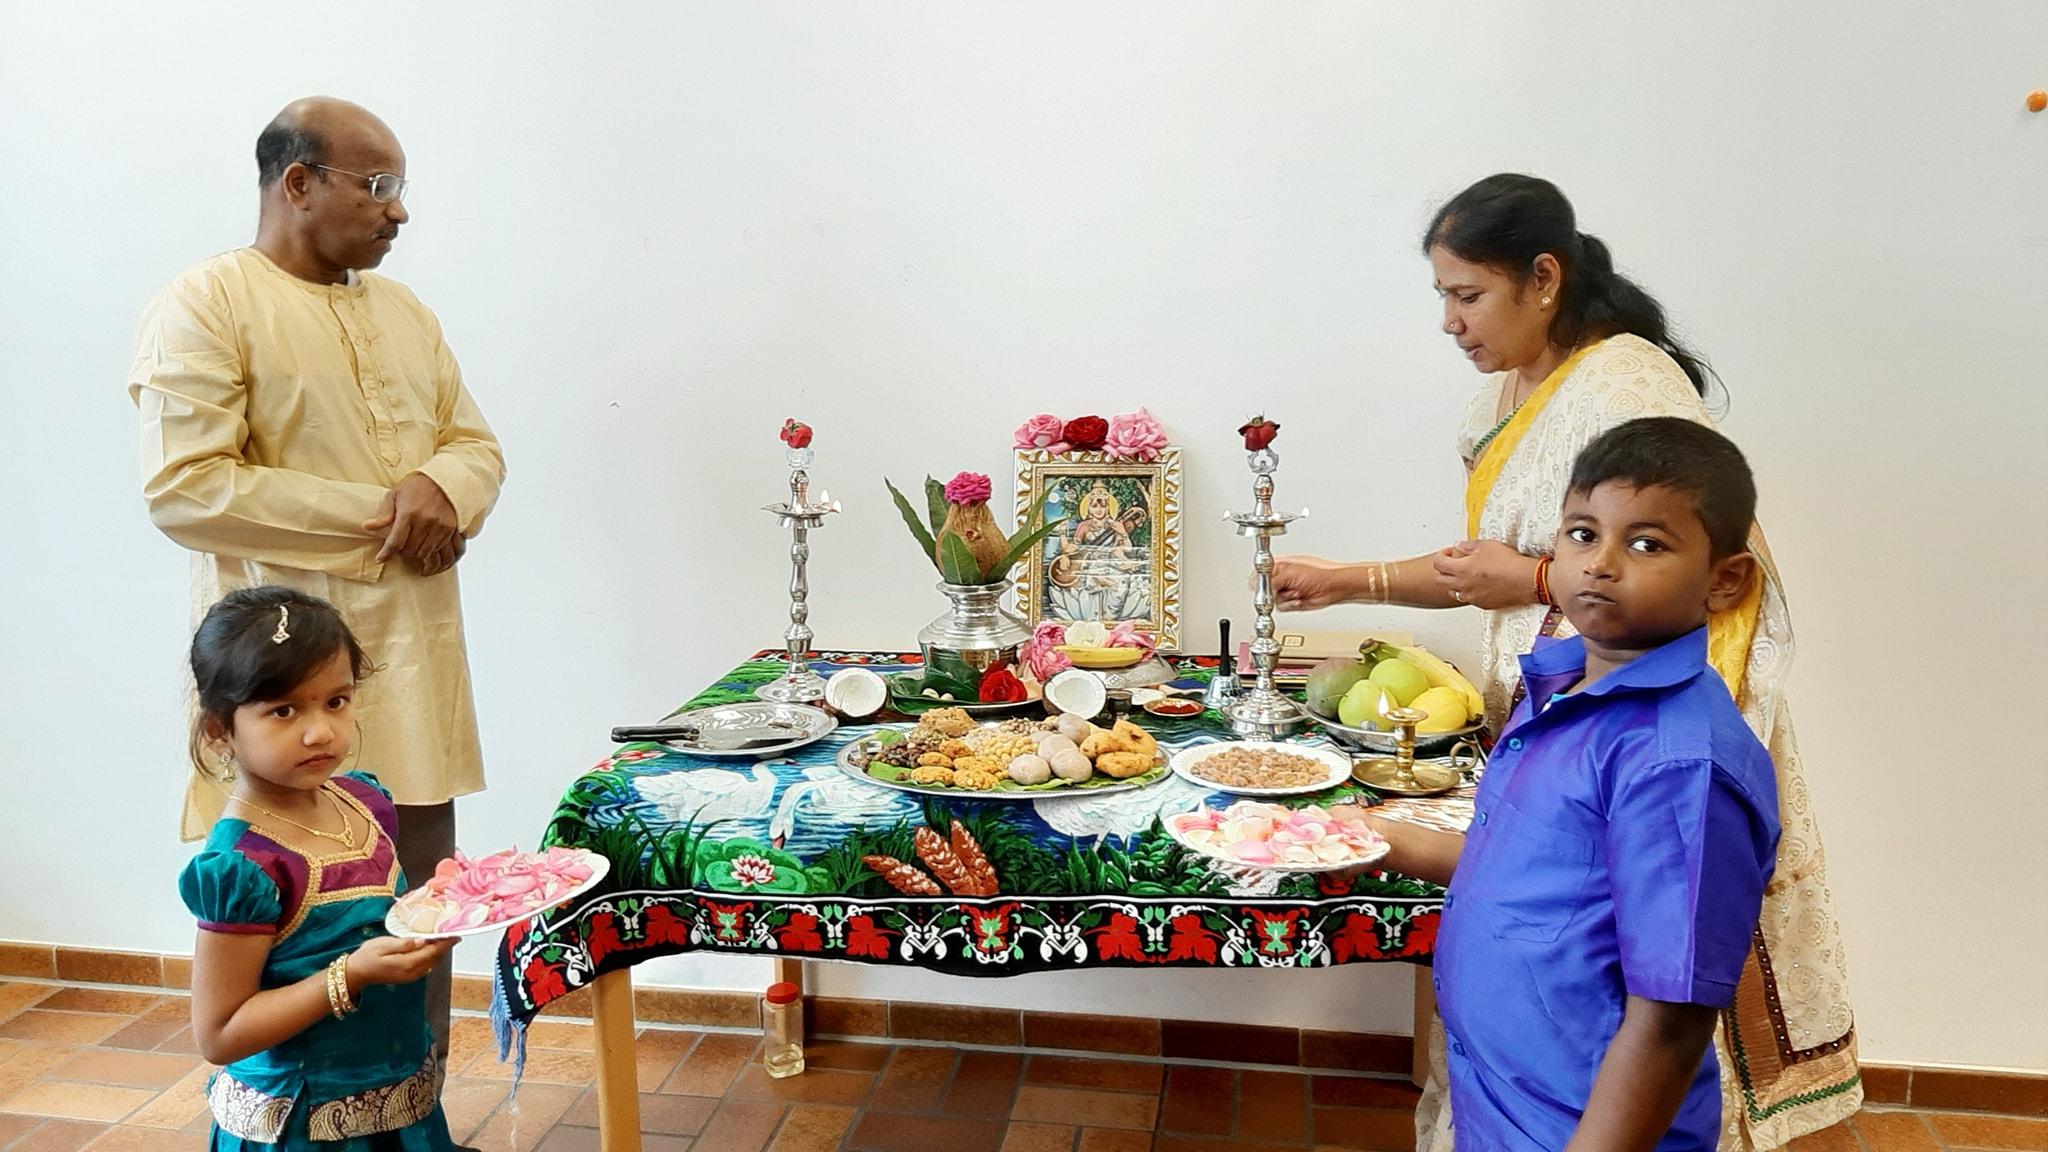 யேர்மனி ஸ்சலோன்  நகரில் வாணிபூசை..06,10,2019  சிறப்பாக நடந்தேறியுள்ளது